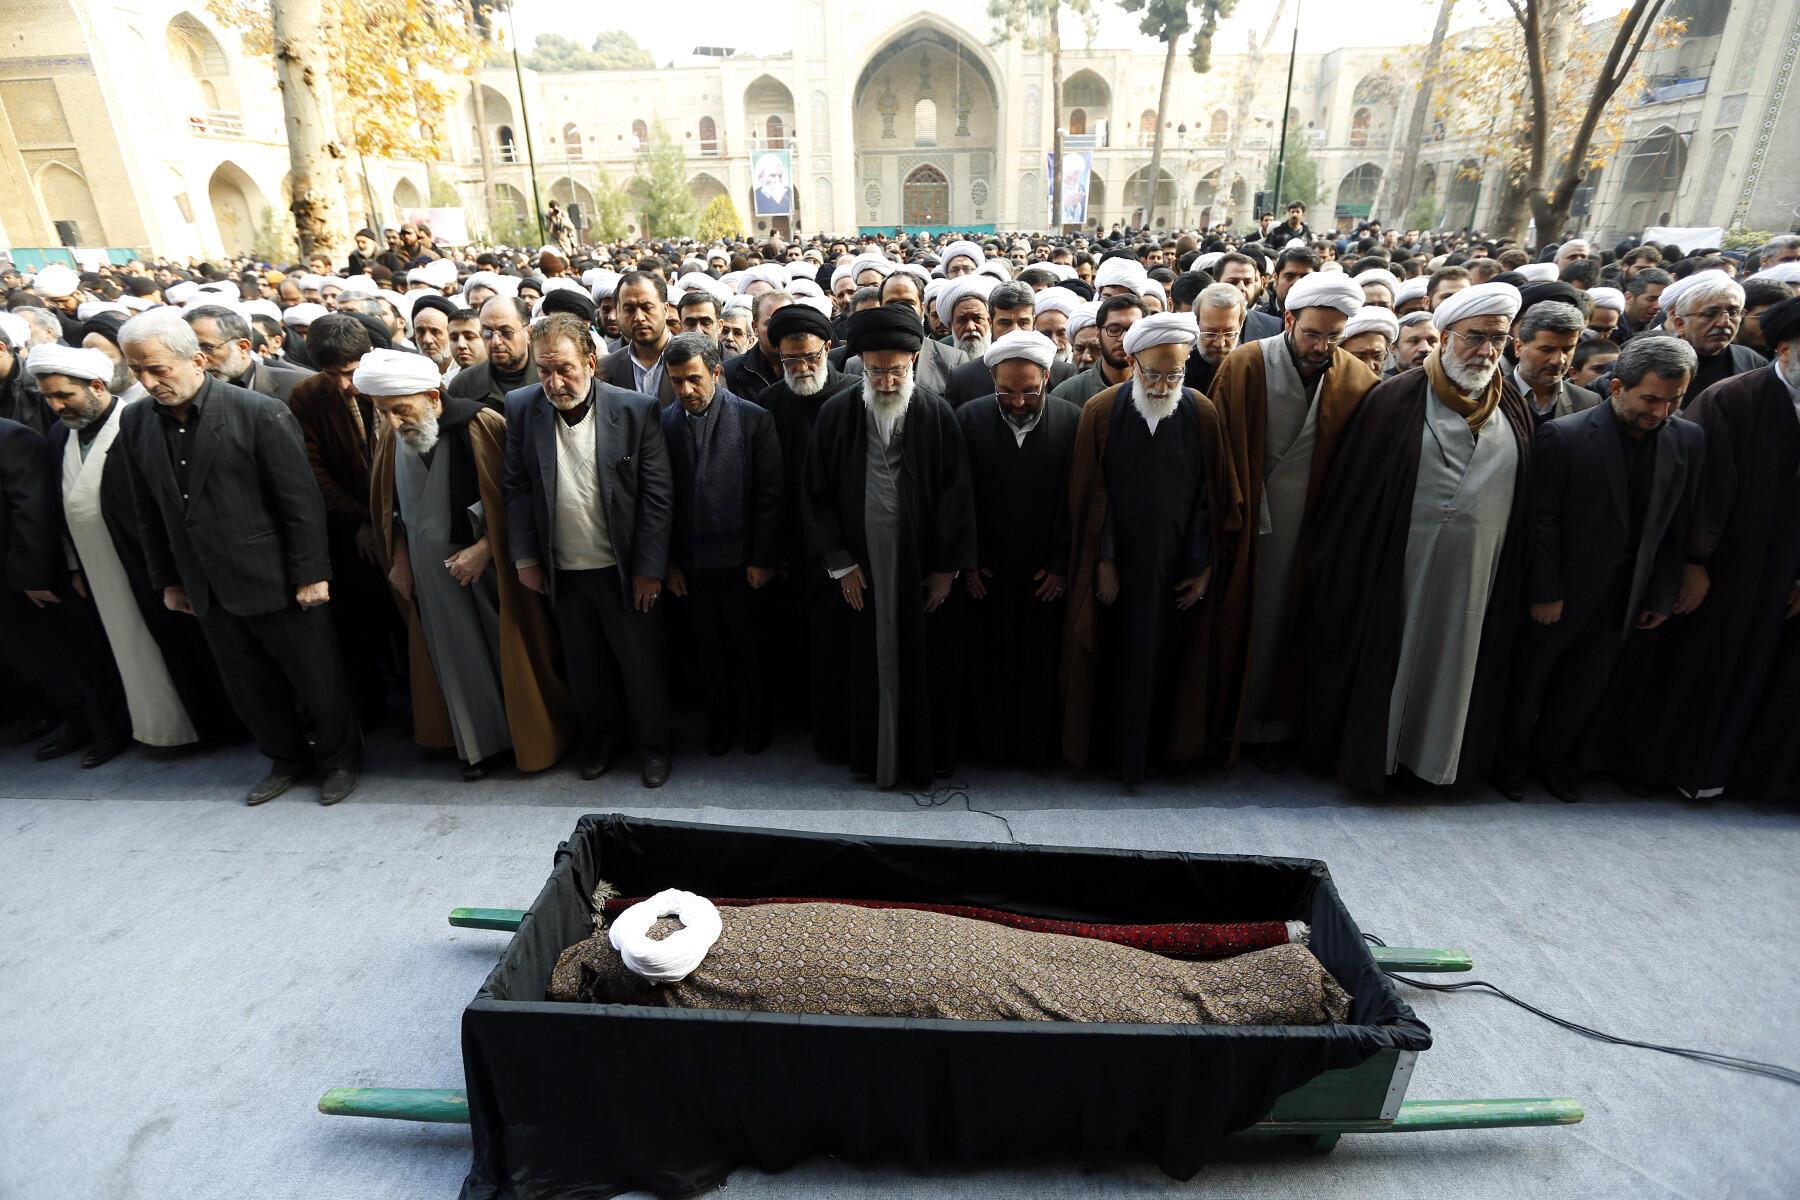 اقامه نماز میت توسط رهبر جمهوری اسلامی بر جنازه آیتالله مجتبی تهرانی. تهران - پنجشنبه ١٤دی/ ٣ ژانویه ٢٠١٣